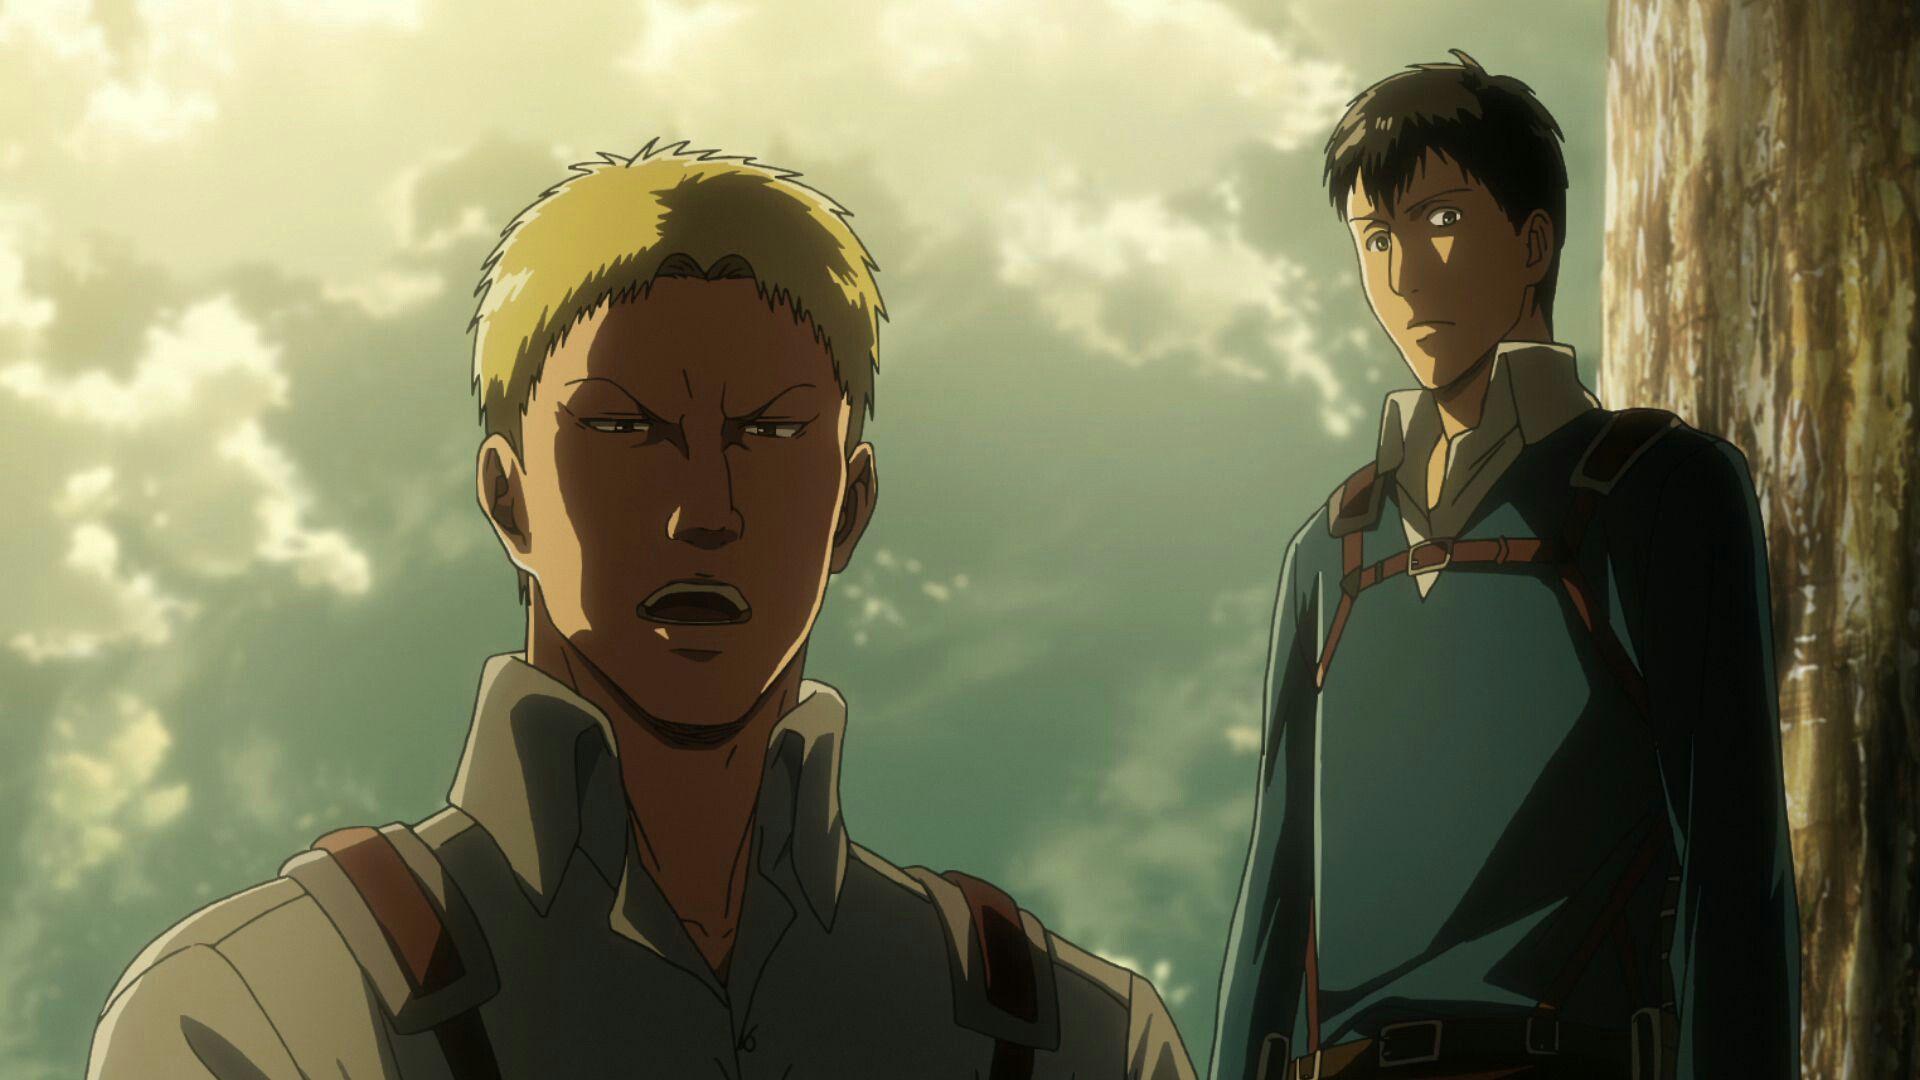 Shingeki no Kyojin 進撃の巨人, 巨人, 進撃